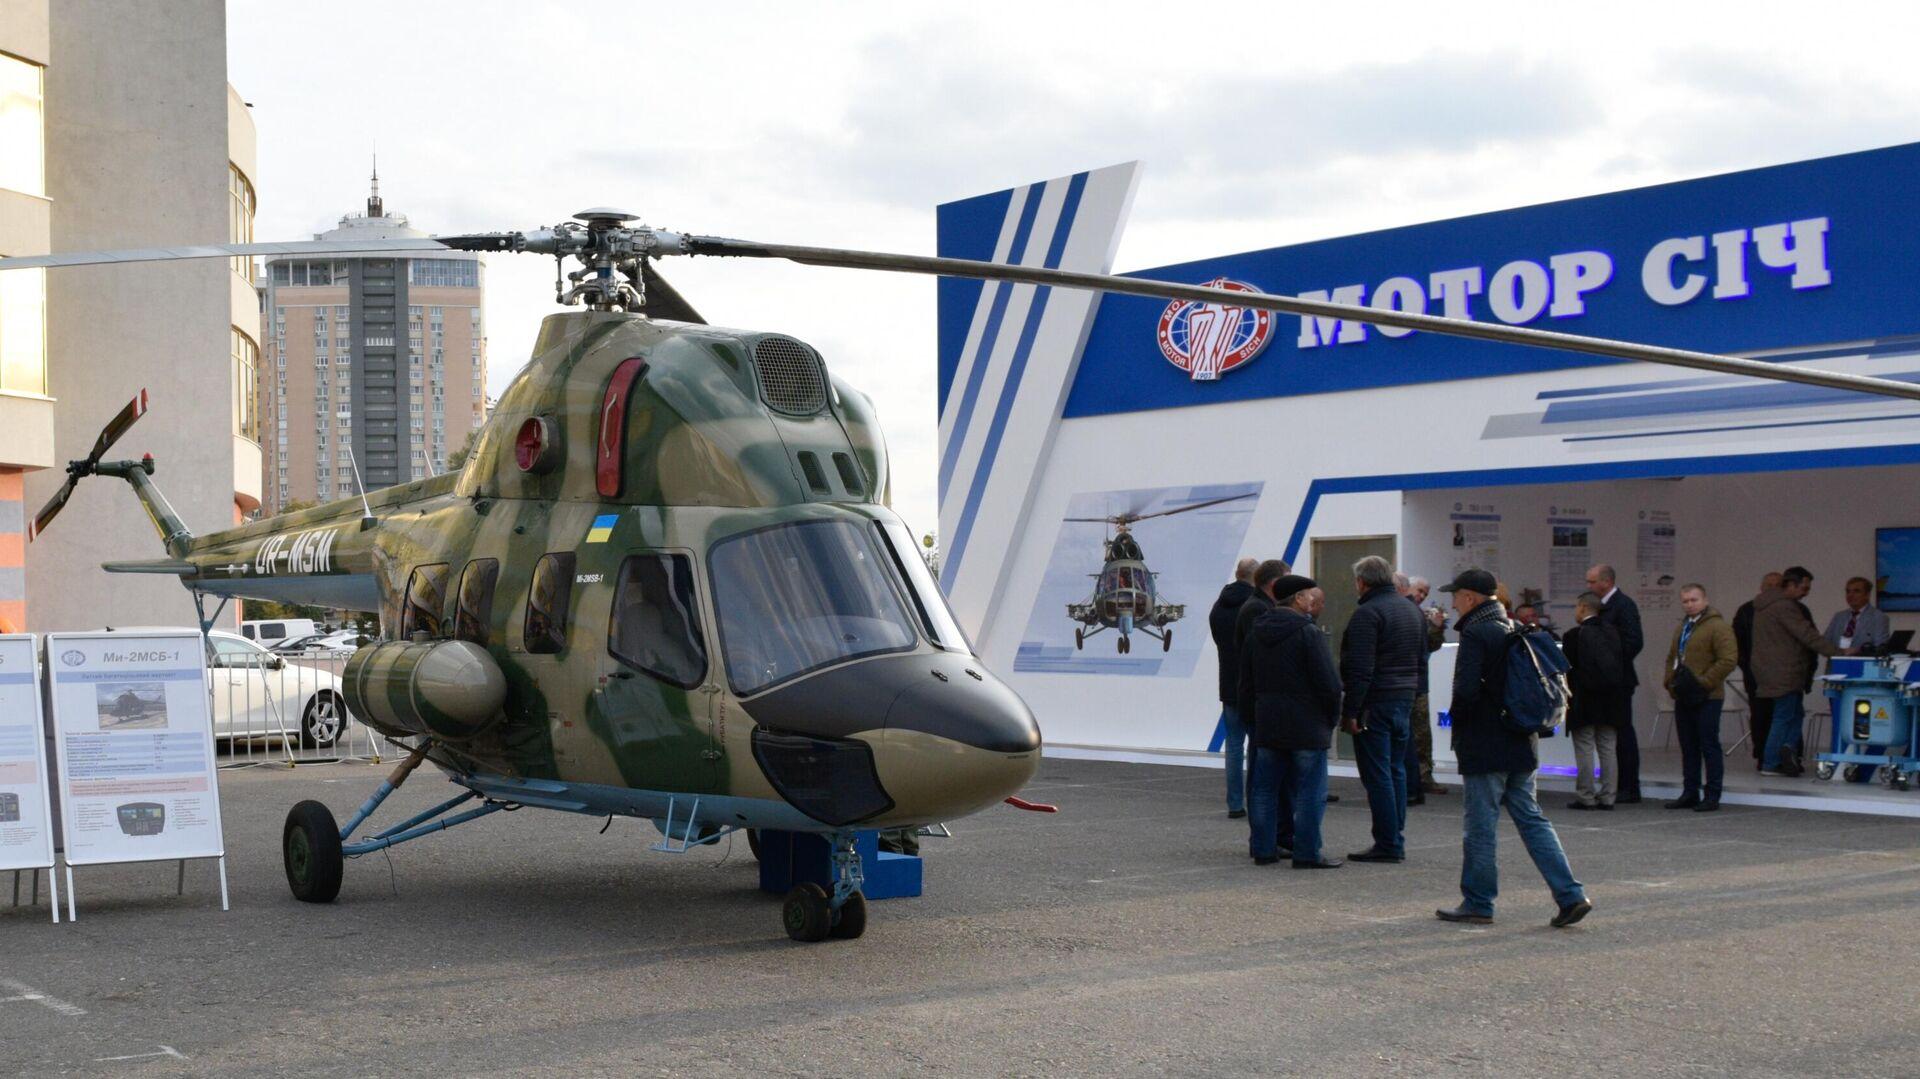 Легкий многоцелевой вертолет Ми-2МСБ-1 на международной специализированной выставке Оружие и безопасность - 2019 в Киеве. - РИА Новости, 1920, 05.09.2020